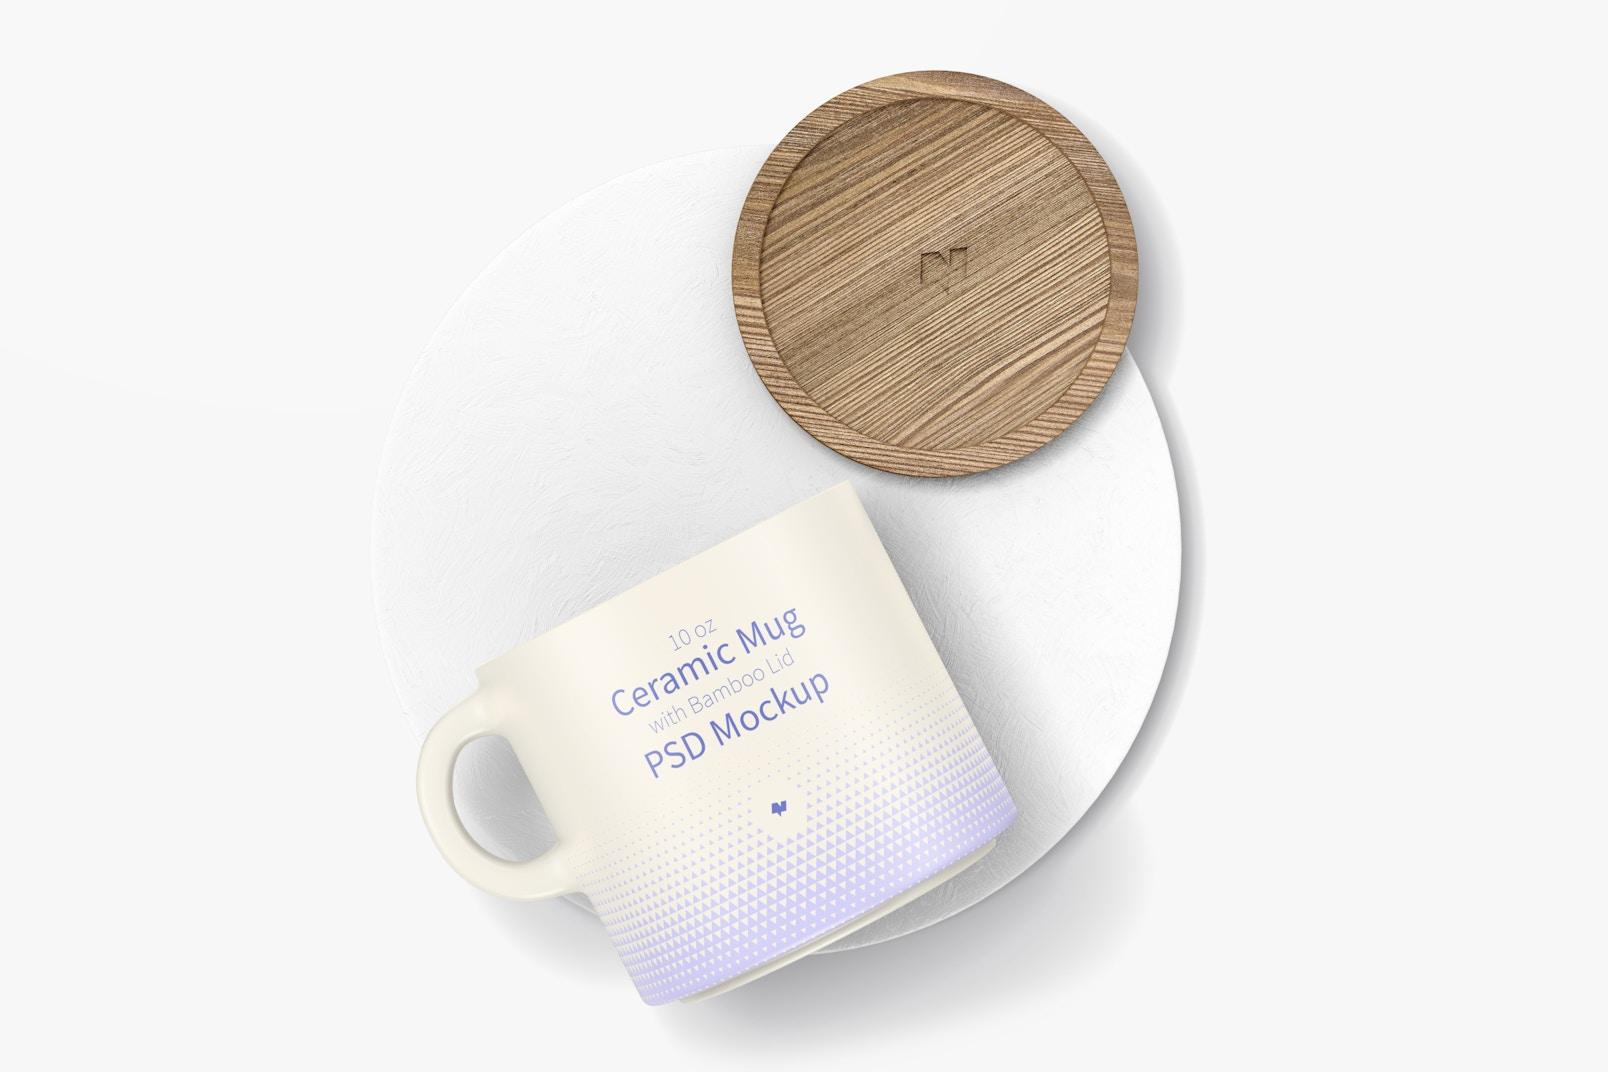 Maqueta de Mug de 10 oz con Tapa de Bambú, Vista Superior